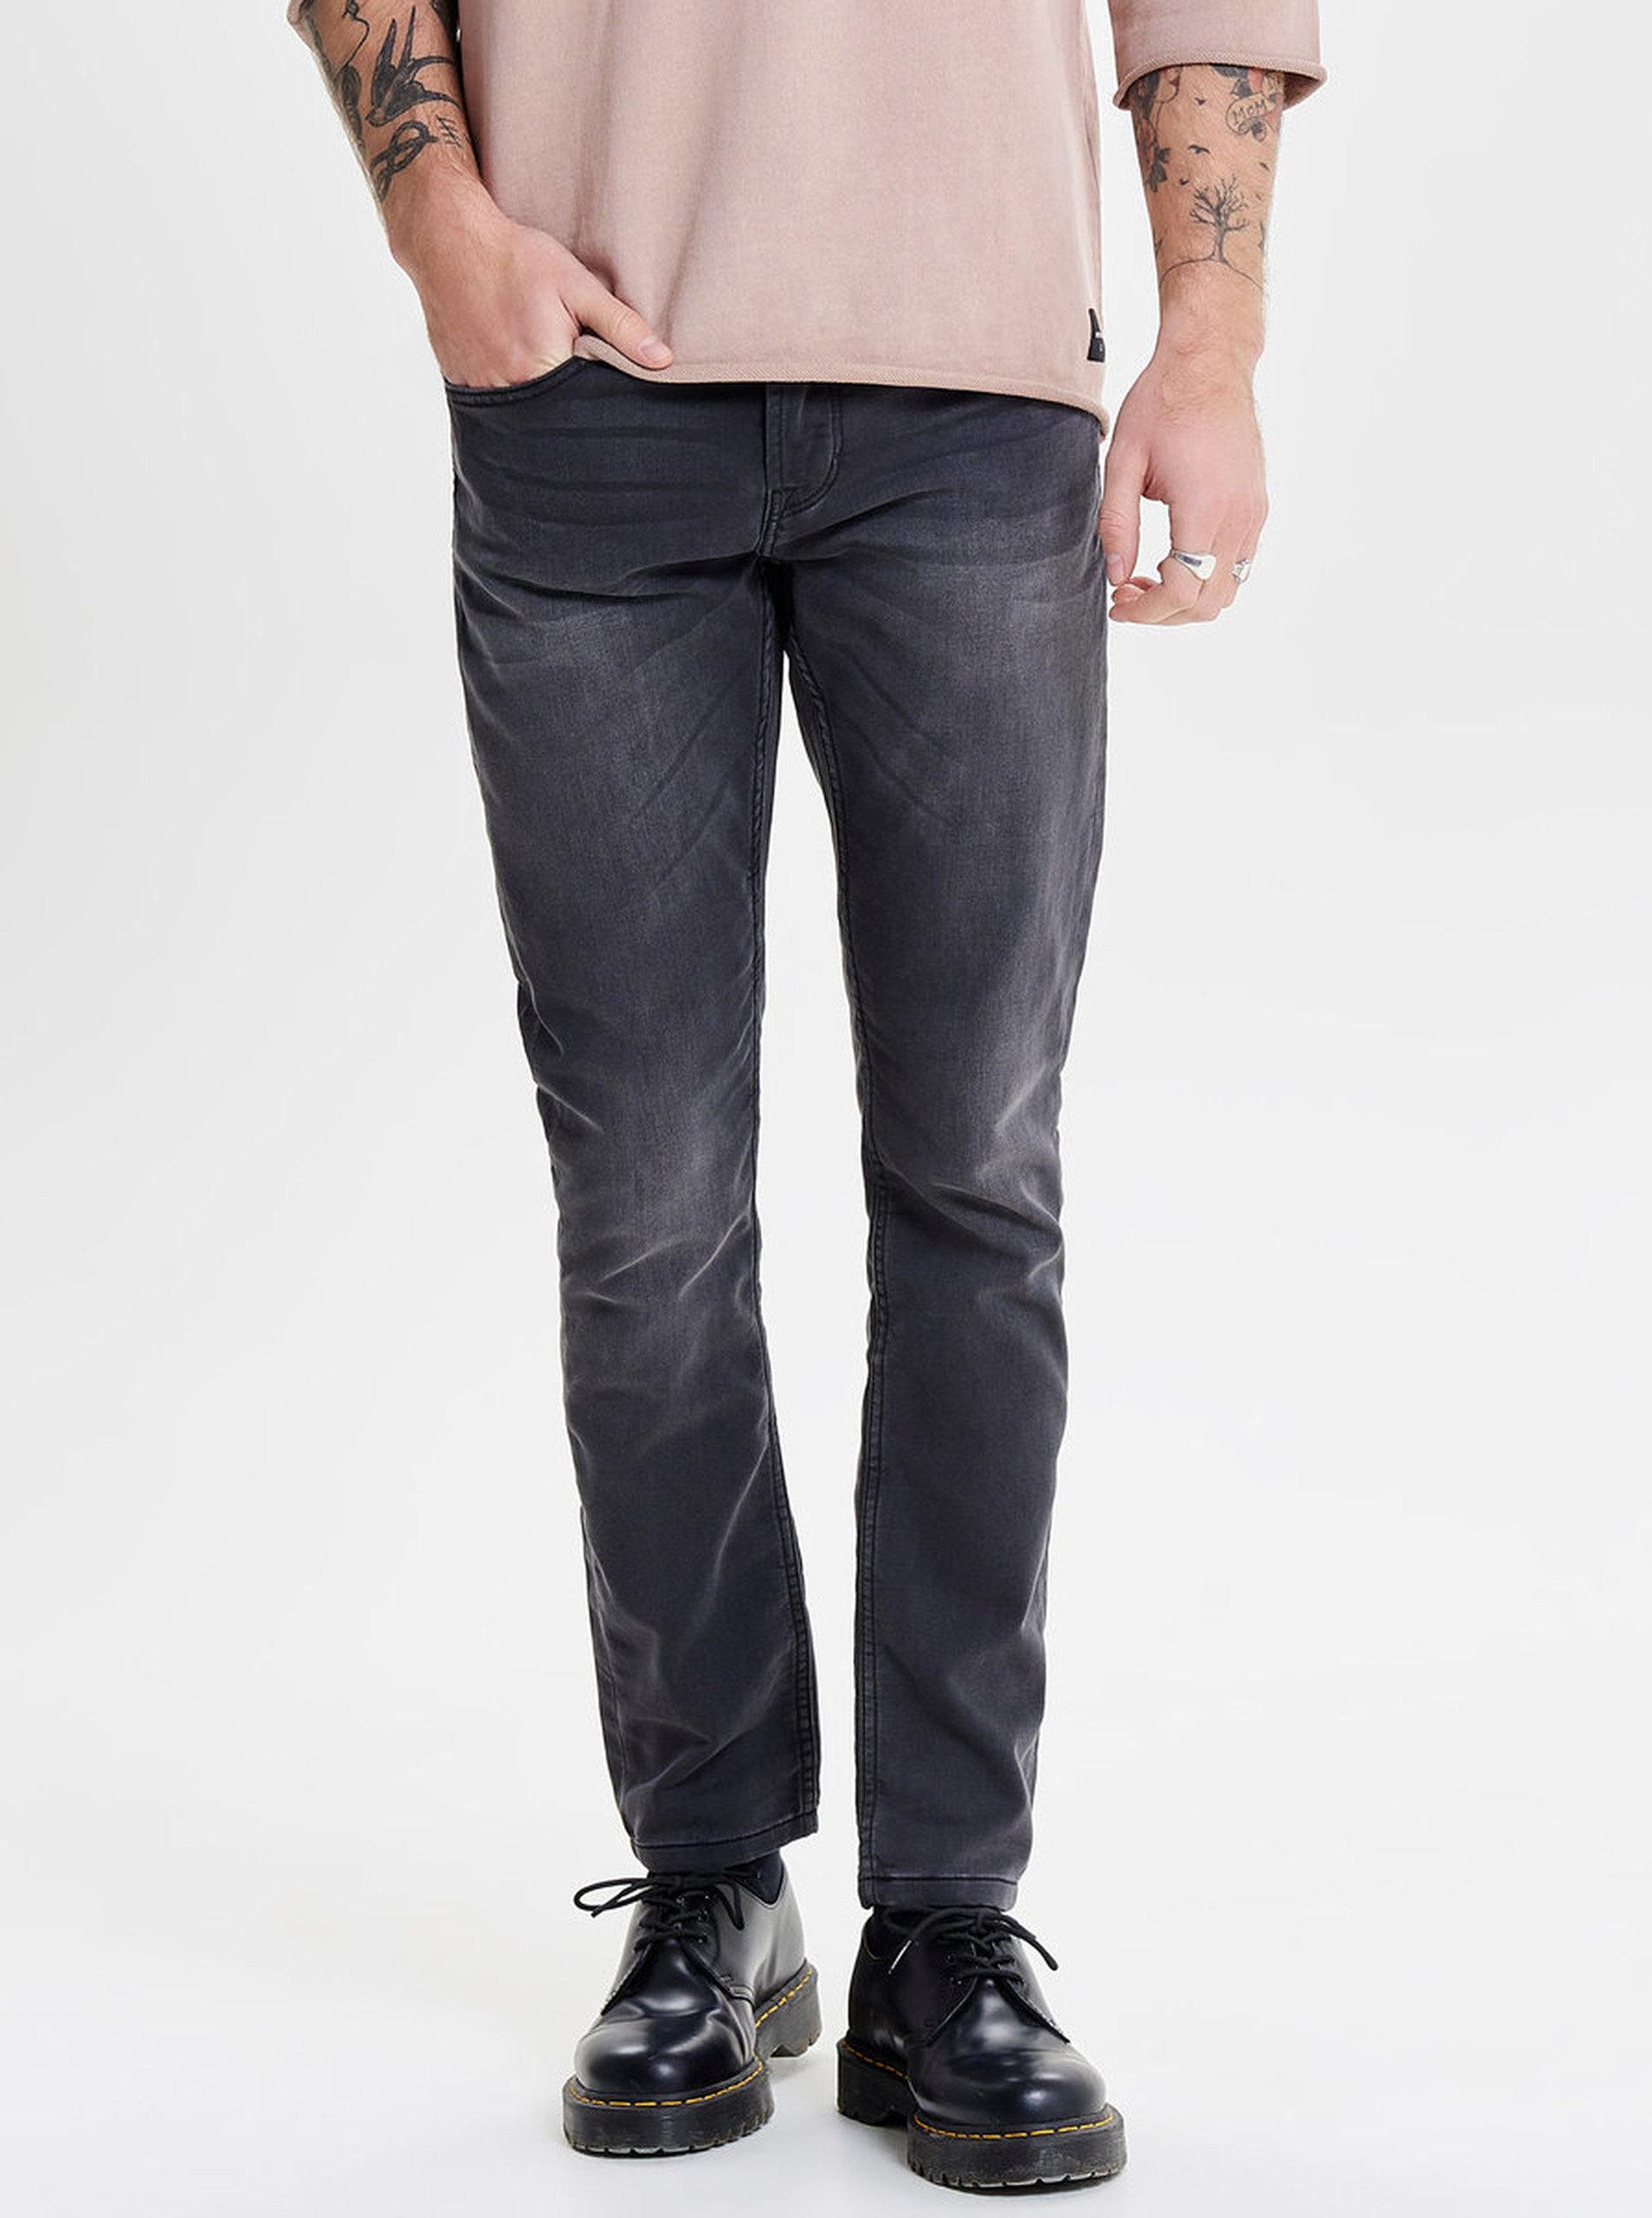 Tmavě šedé slim fit džíny ONLY   SONS Loom ... d9c86555d5